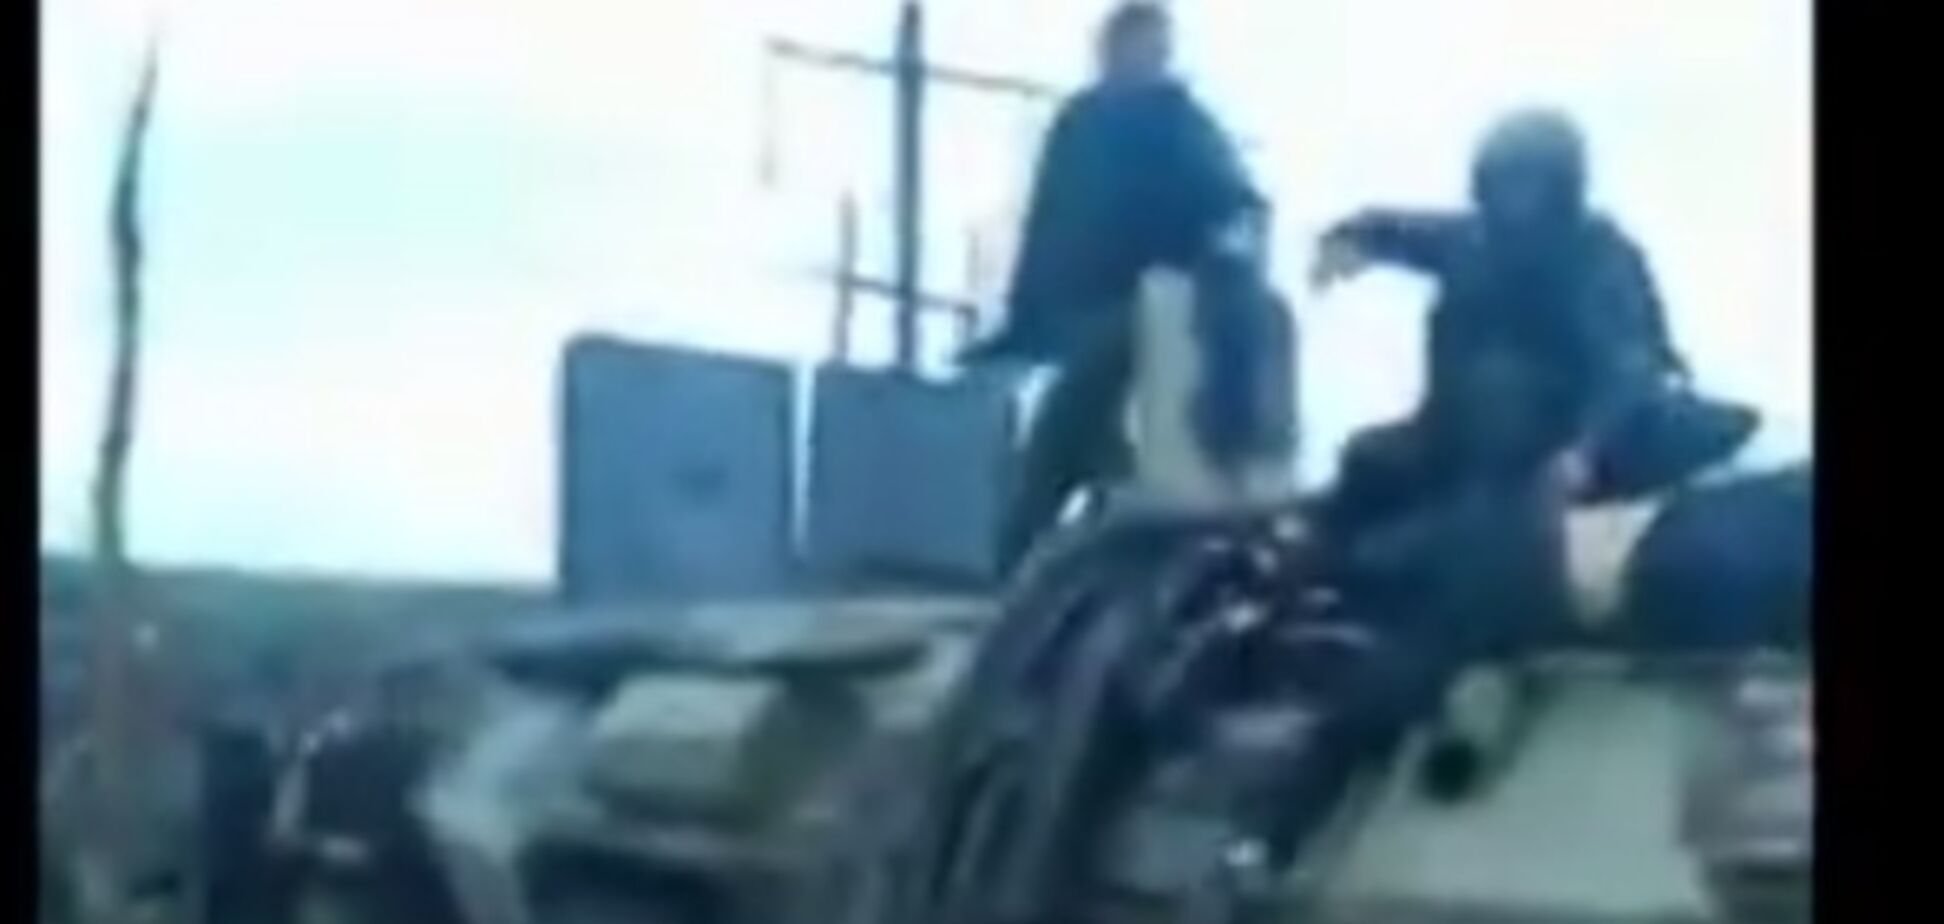 Пособники террористов распространяют лживые видео о 'зверствах нацгвардии'